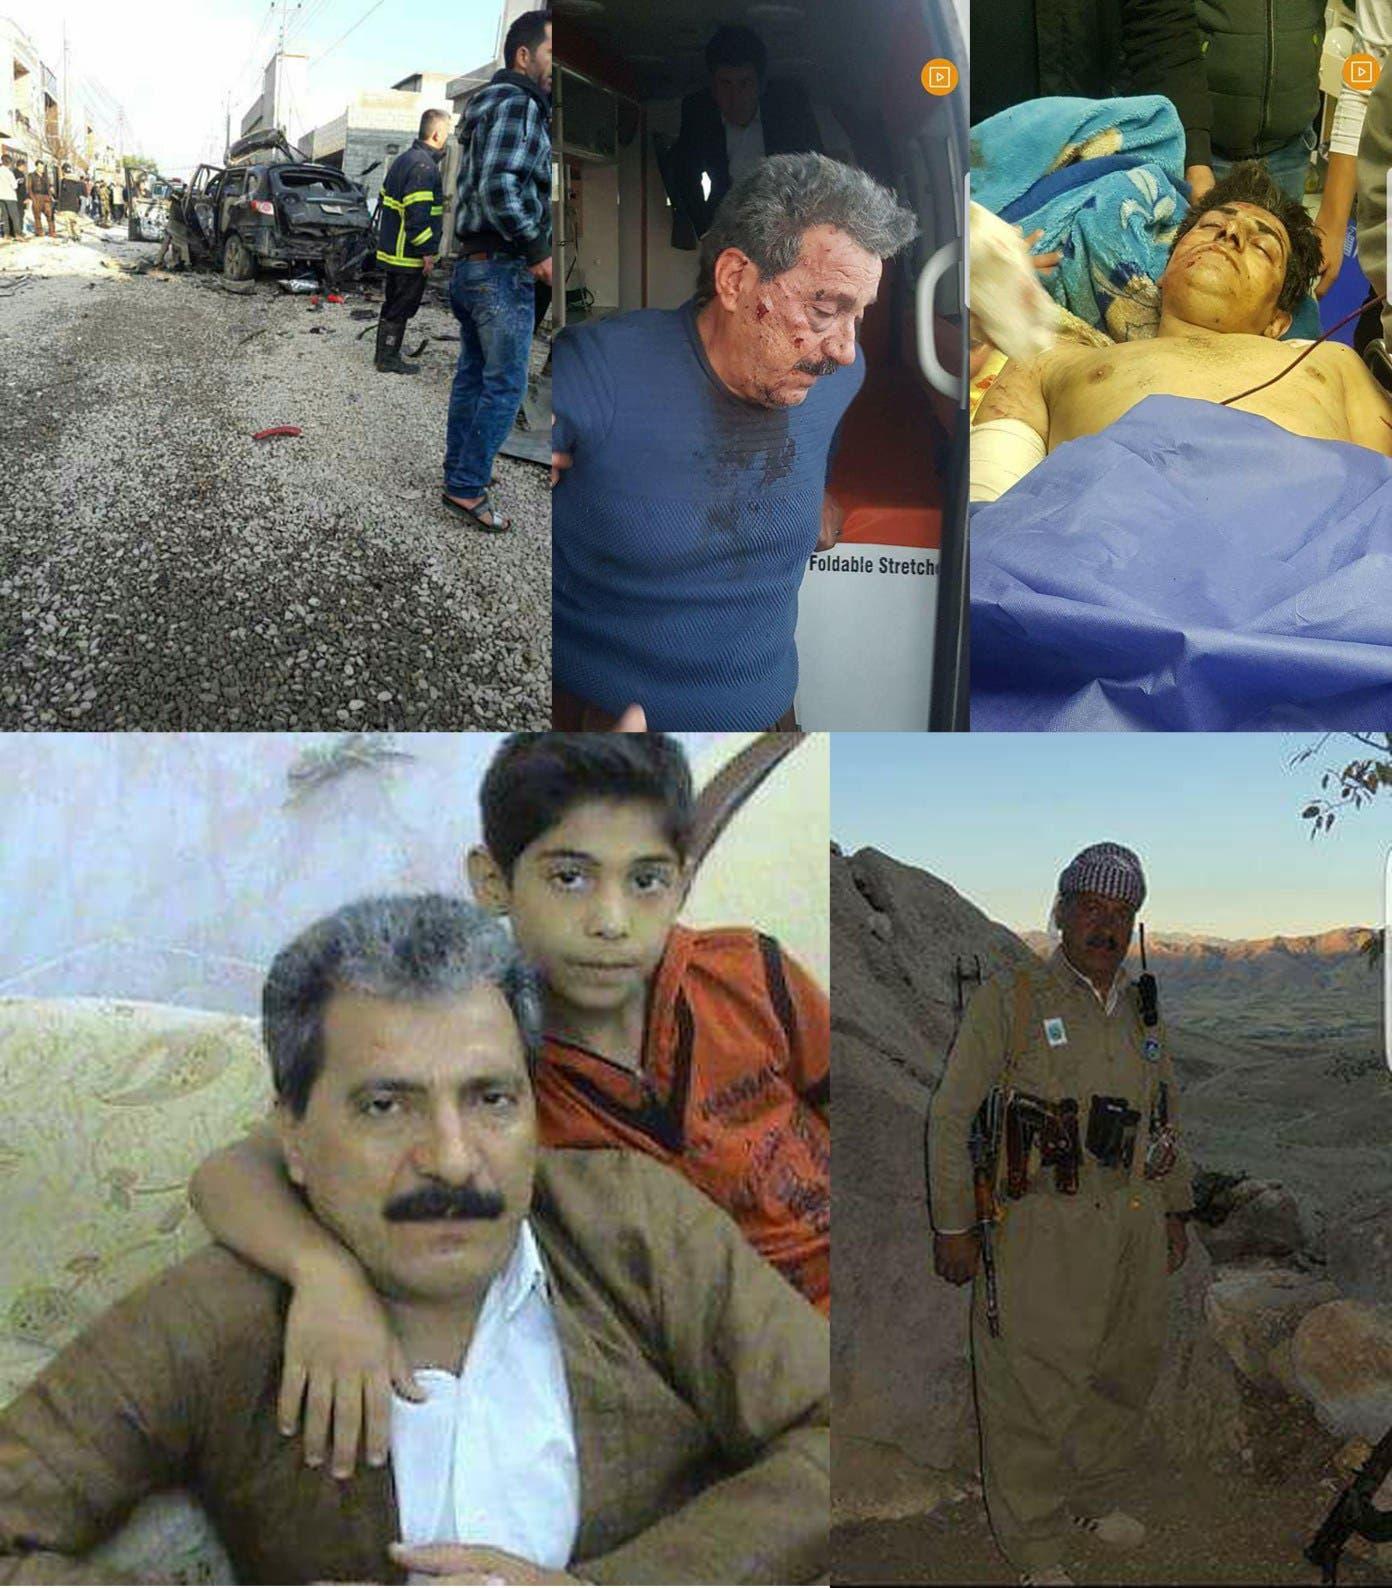 صباح رحماني وابنه القتيل صلاح والسيارة المفخخة